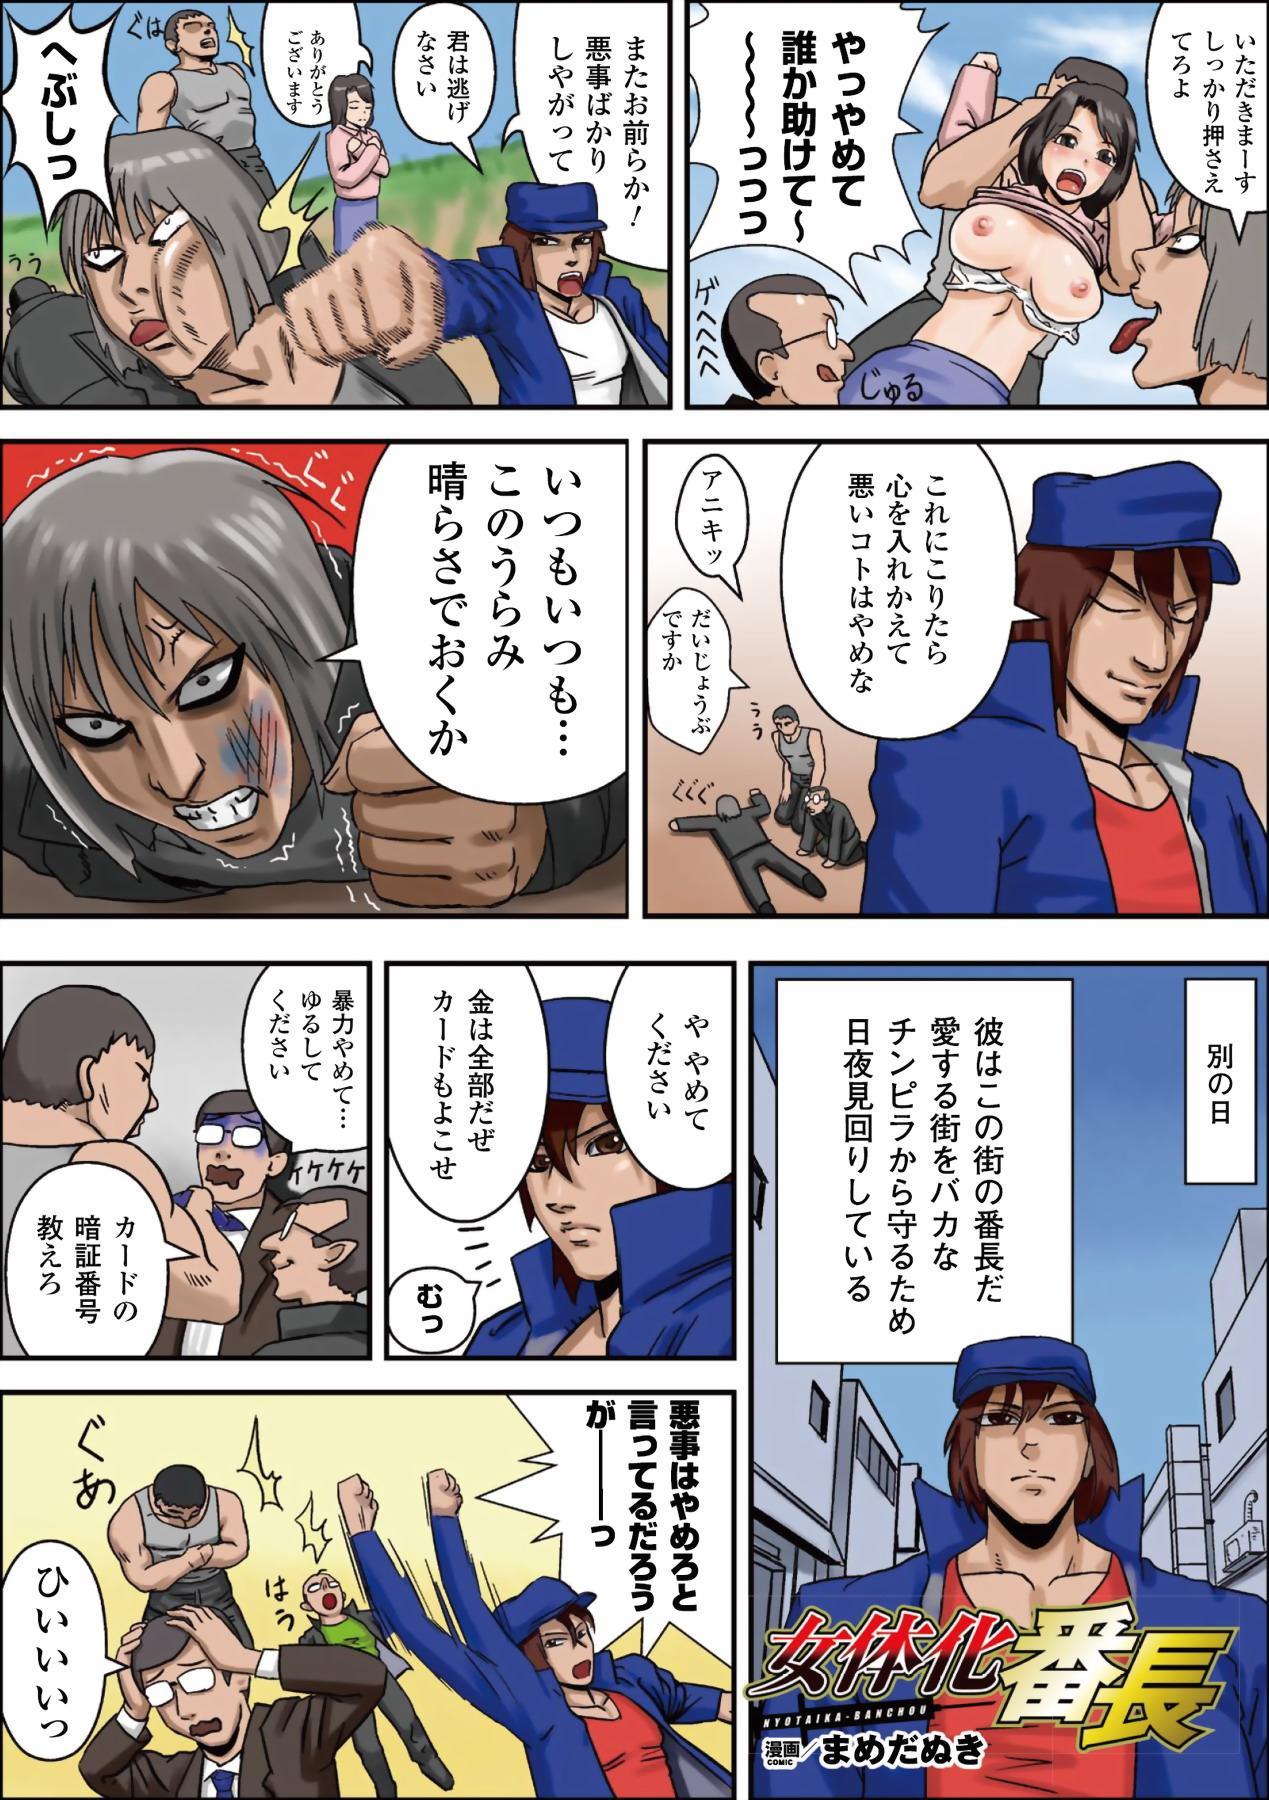 [Anthology] Gatchiri Kairaku Land Vol.2 ~Chijoku-hen~ Joshikousei ga, Mahou Shoujo ga, Otoko no Ko ga Okasareru!!! [Digital] 25